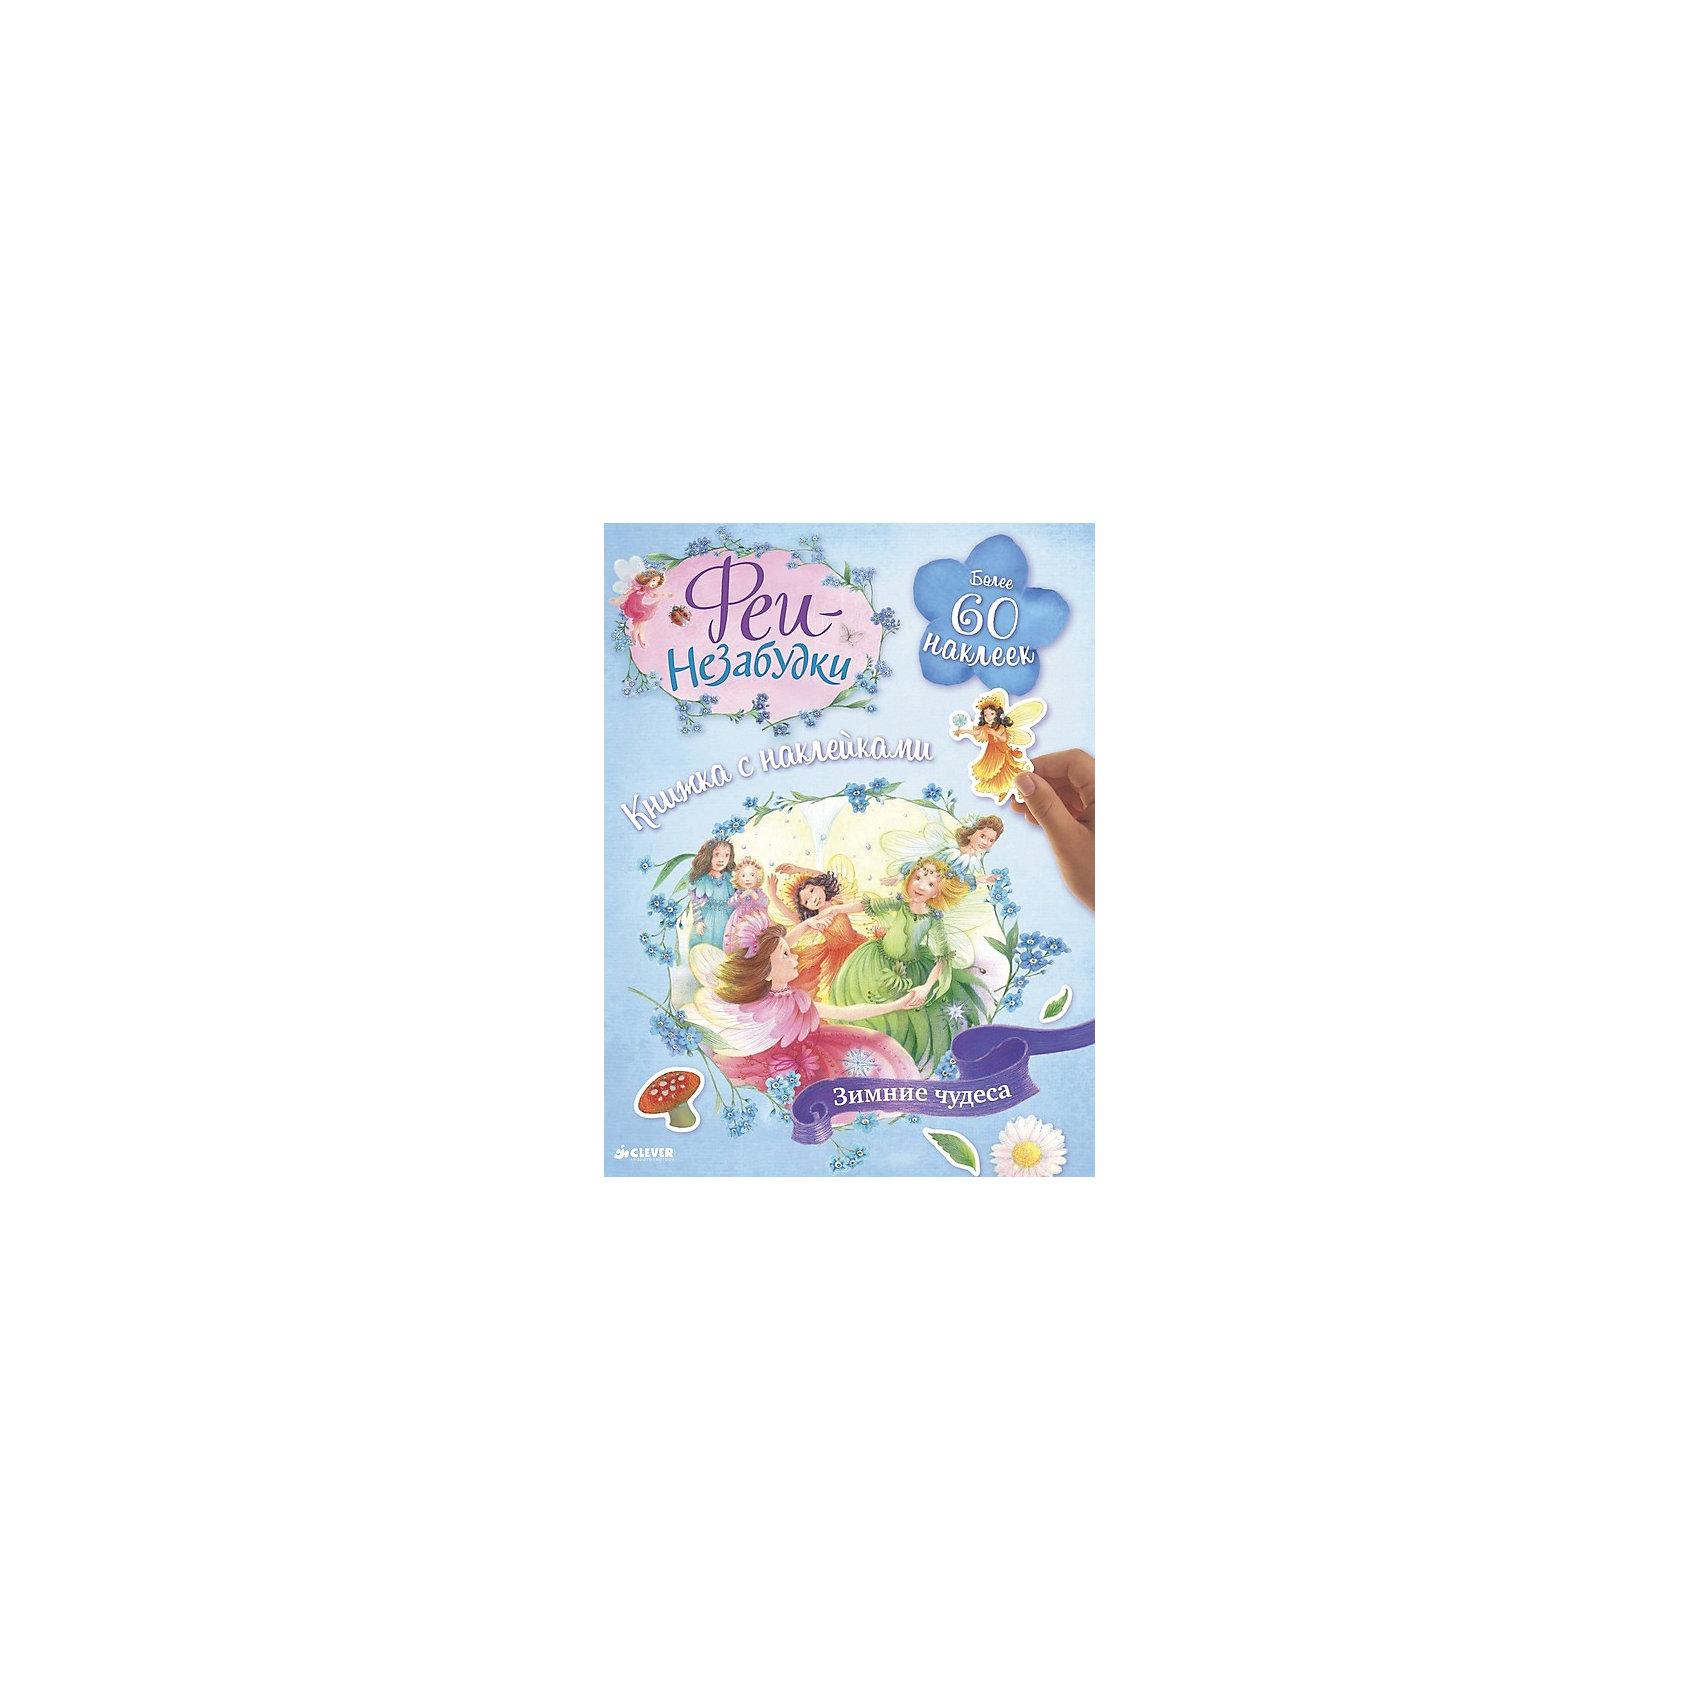 Книжка с наклейками Зимние чудесаКнижки с наклейками - достойная альтернатива раскраскам и стандартным книгам. Книжка Веселая школа фей станет потрясающим подарком для маленькой девочки. В сборнике вы найдете увлекательные истории, яркие картинки и сказочные наклейки. Данная книга - это удобный формат, интересные задания и эффективный способ для ребенка провести время с пользой! Интеллект и способности ребенка нужно развивать - и тогда он в дальнейшем сможет освоить больше полезных навыков и знаний. Сделать это занятие интересным и легким поможет данное издание.<br>В нем с помощью занимательных заданий опытные педагоги помогают детям развить навыки мышления, необходимые дошкольникам. Они развивают ещё и внимательность и логику. Очень интересные задания, которые надо выполнить с помощью наклеек, помогут развить координация движений.<br><br>Дополнительная информация:<br><br>формат: 22 х 28 см<br>страниц: 16;<br>в компекте - наклейки.<br>Книжку с наклейками  Зимние чудеса можно приобрести в нашем магазине.<br><br>Ширина мм: 275<br>Глубина мм: 210<br>Высота мм: 5<br>Вес г: 100<br>Возраст от месяцев: 48<br>Возраст до месяцев: 72<br>Пол: Унисекс<br>Возраст: Детский<br>SKU: 4976109